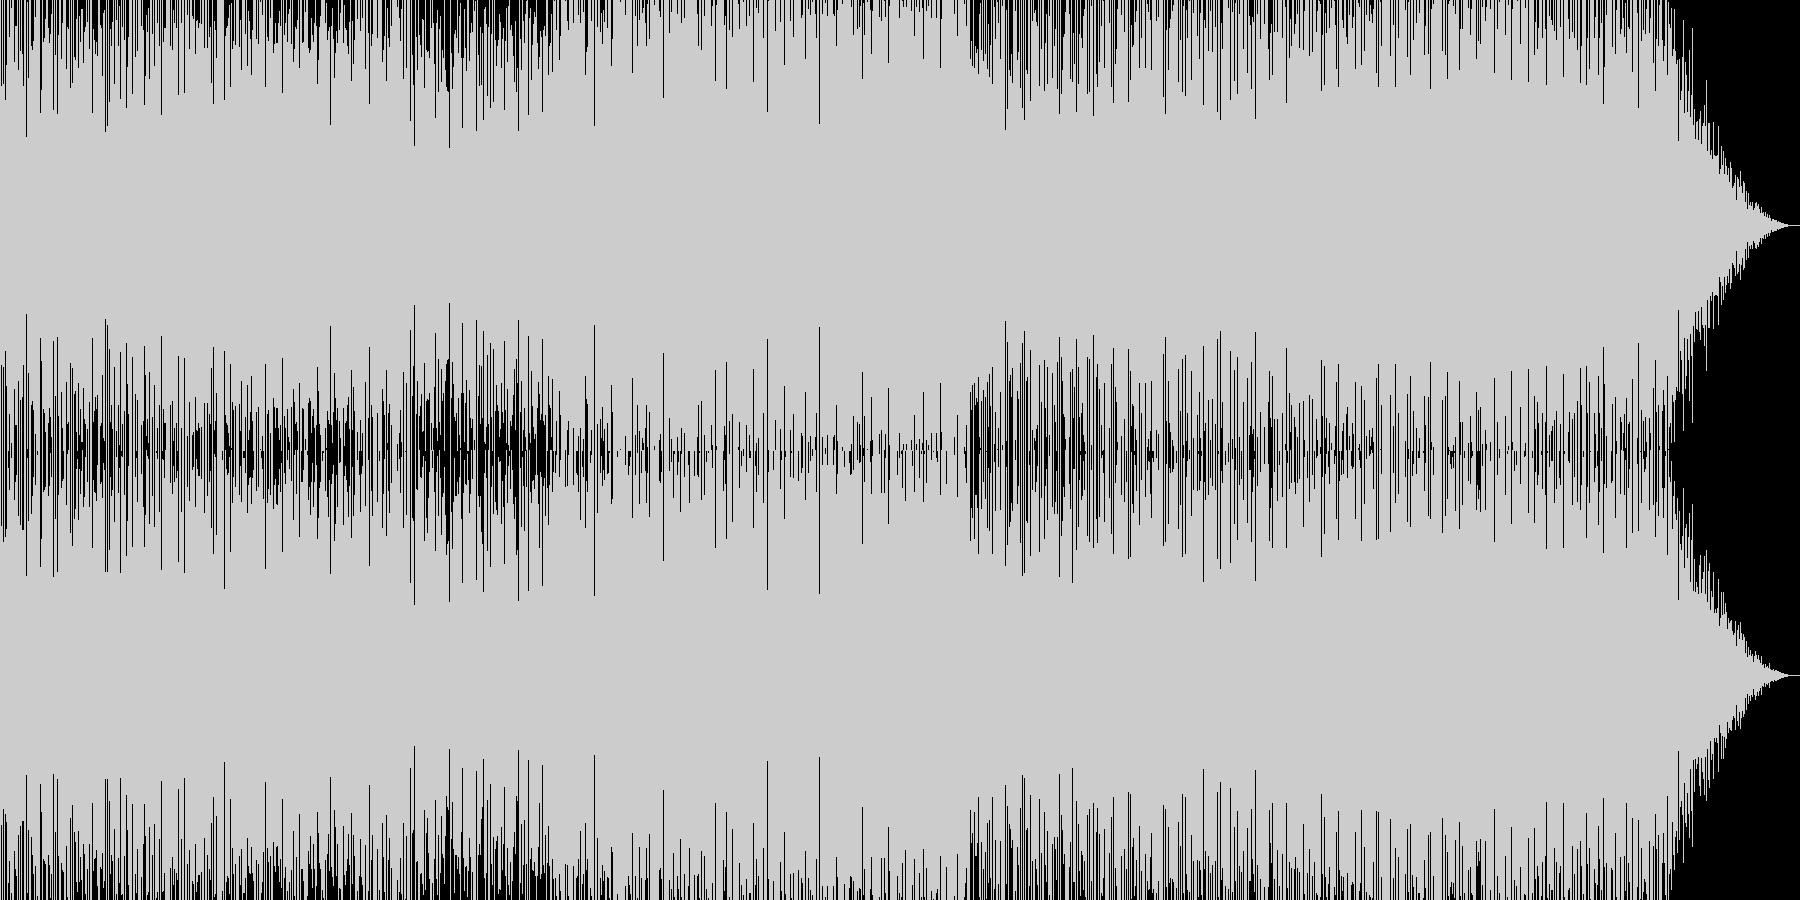 パワフルエレクトロニカメジャーの未再生の波形